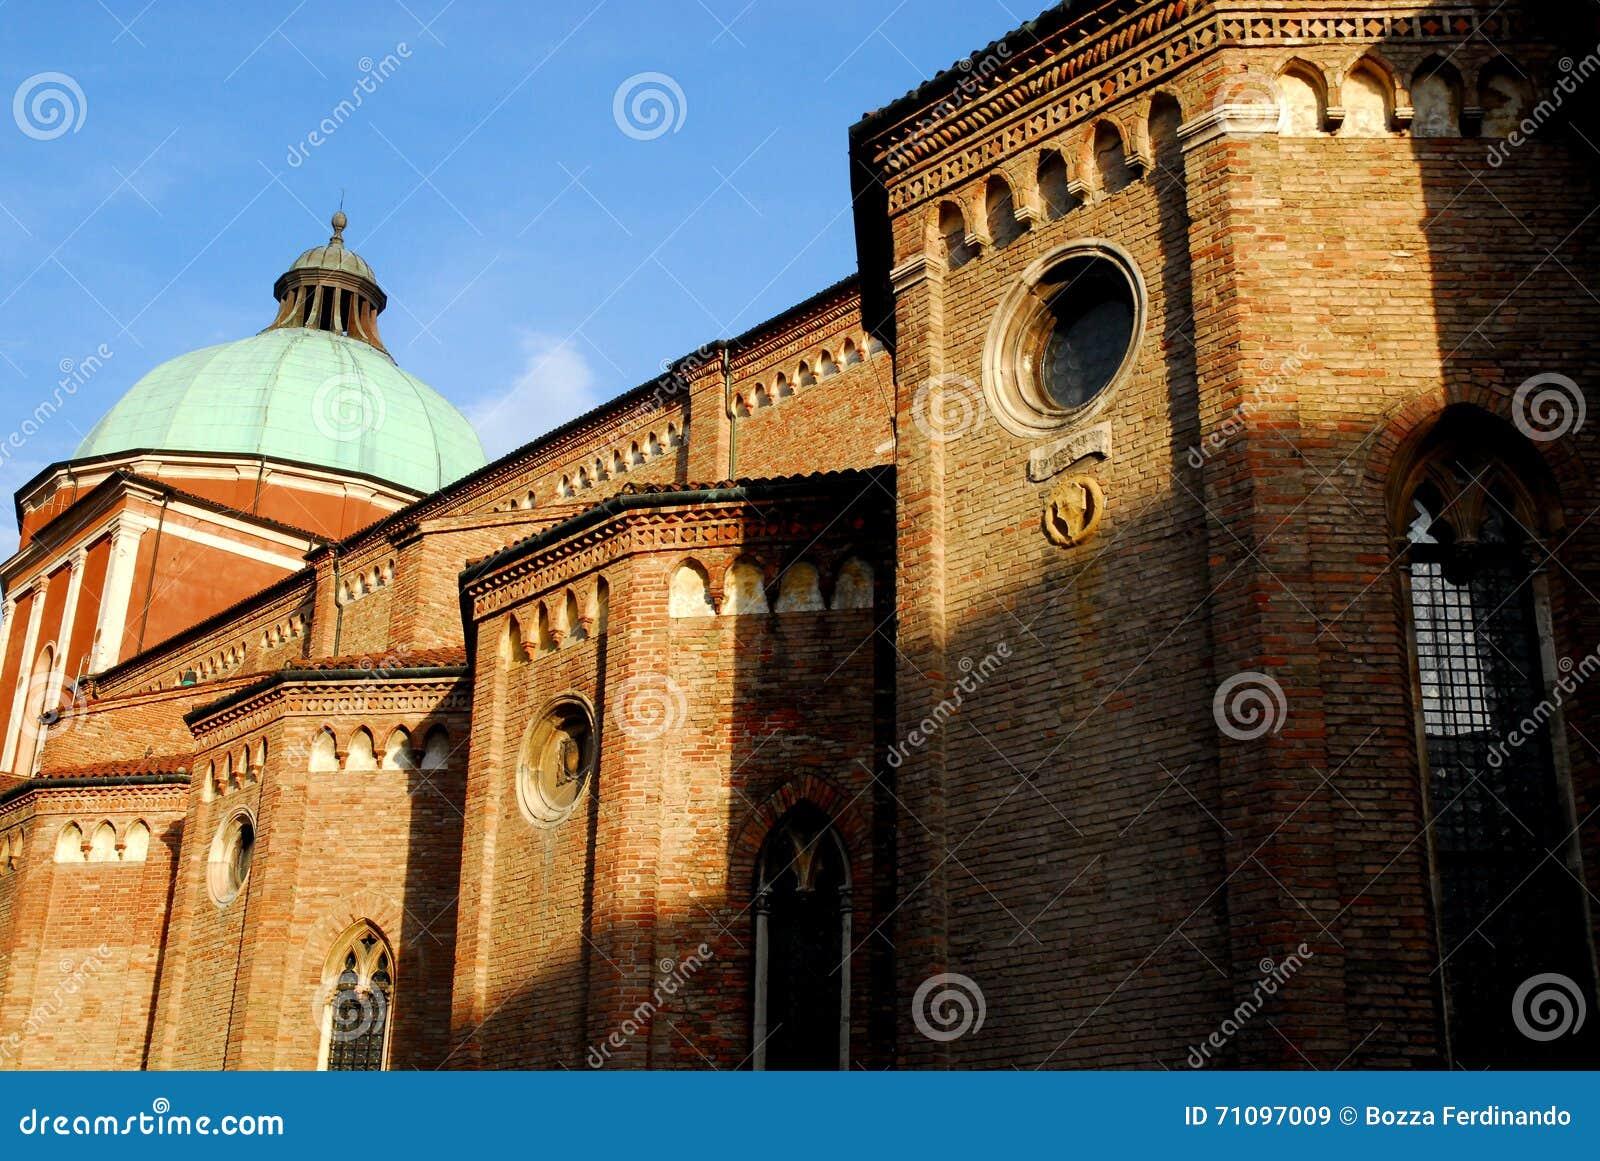 Lado izquierdo de la catedral de Vicenza en Véneto (Italia) tomado del lado izquierdo